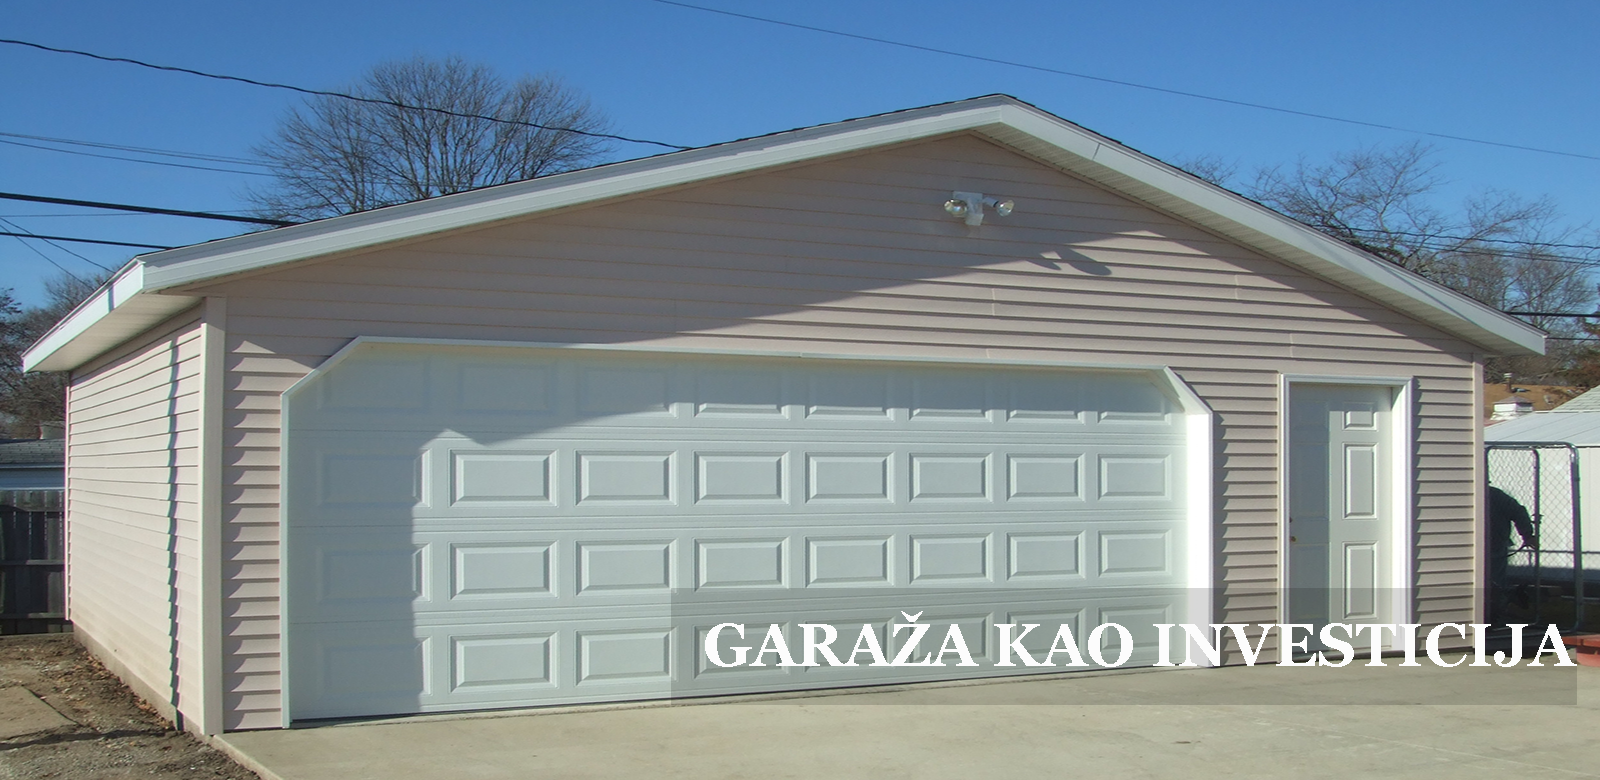 garaza kao odlicna investicija